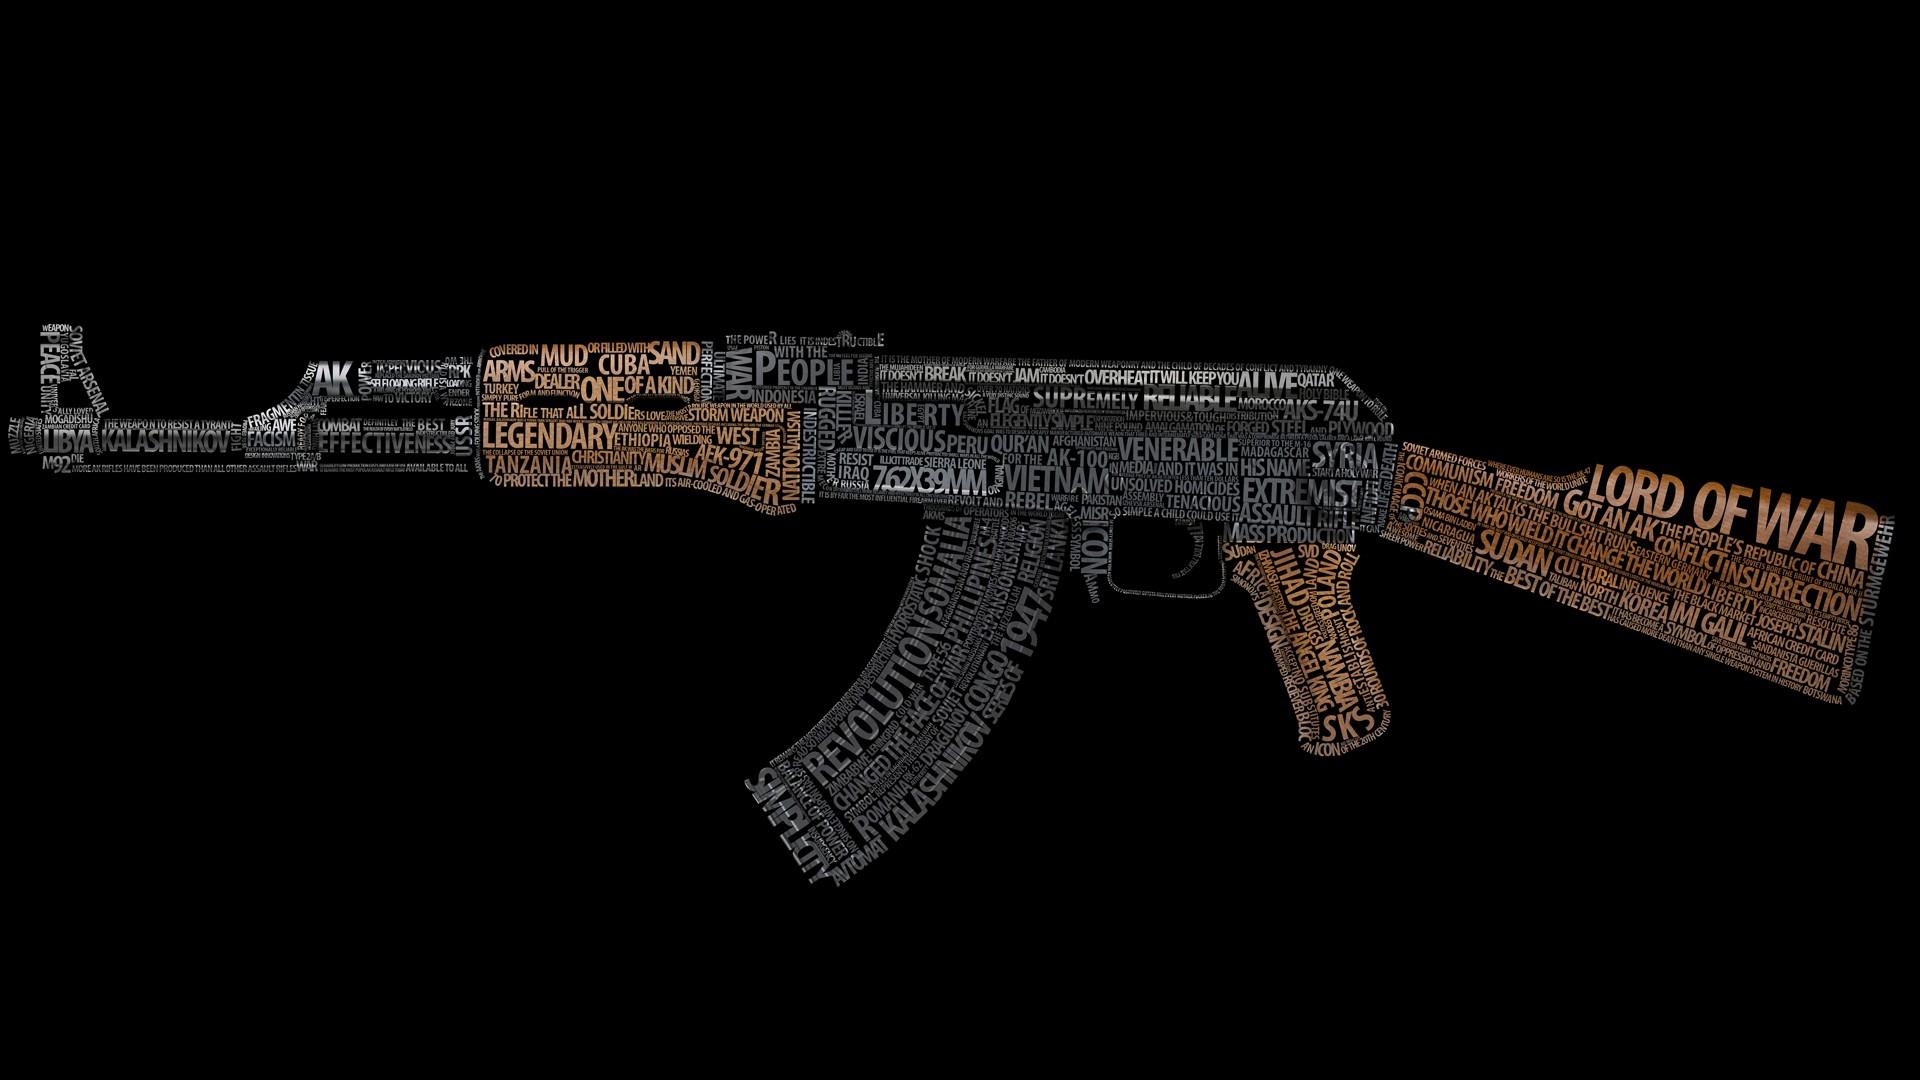 Masaüstü Silah Siyah Arka Plan Tipografi Metin Ak 47 Tabanca